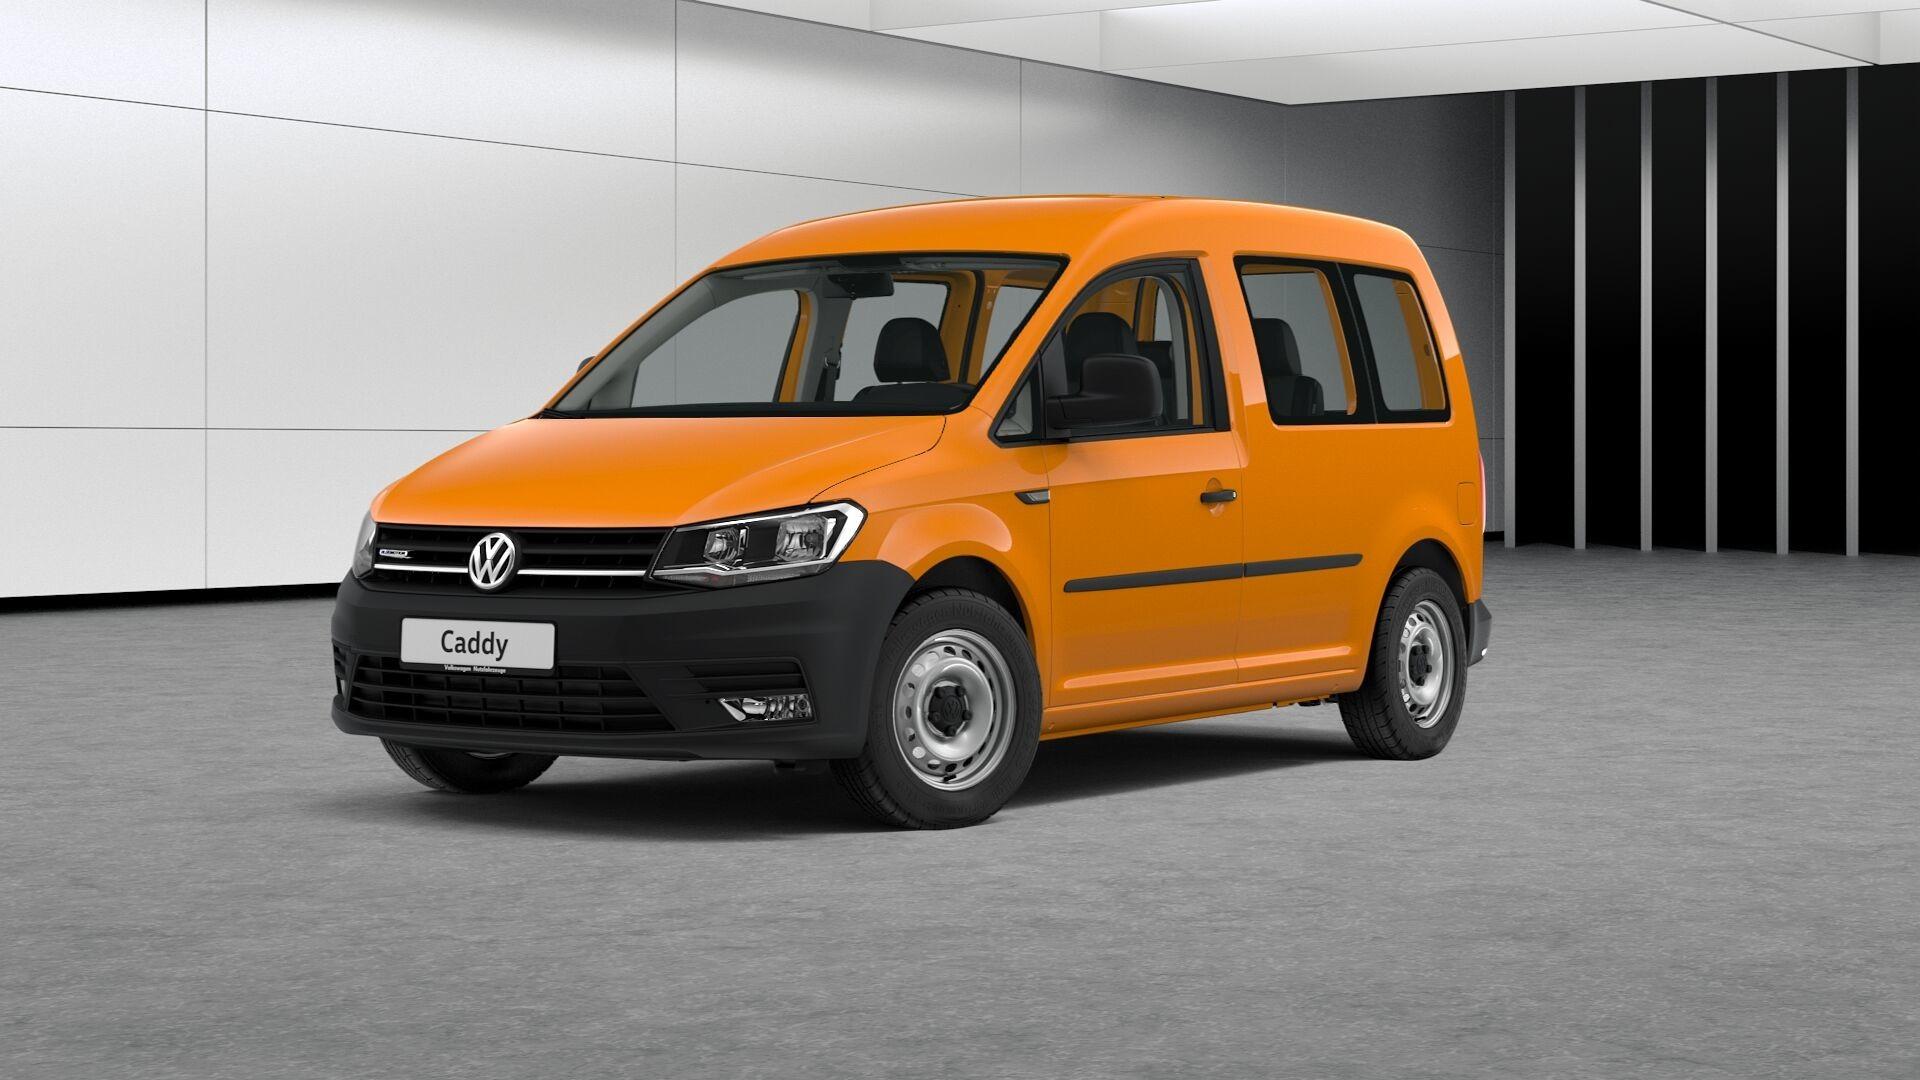 Oferta Volkswagen Caddy Gnc 1